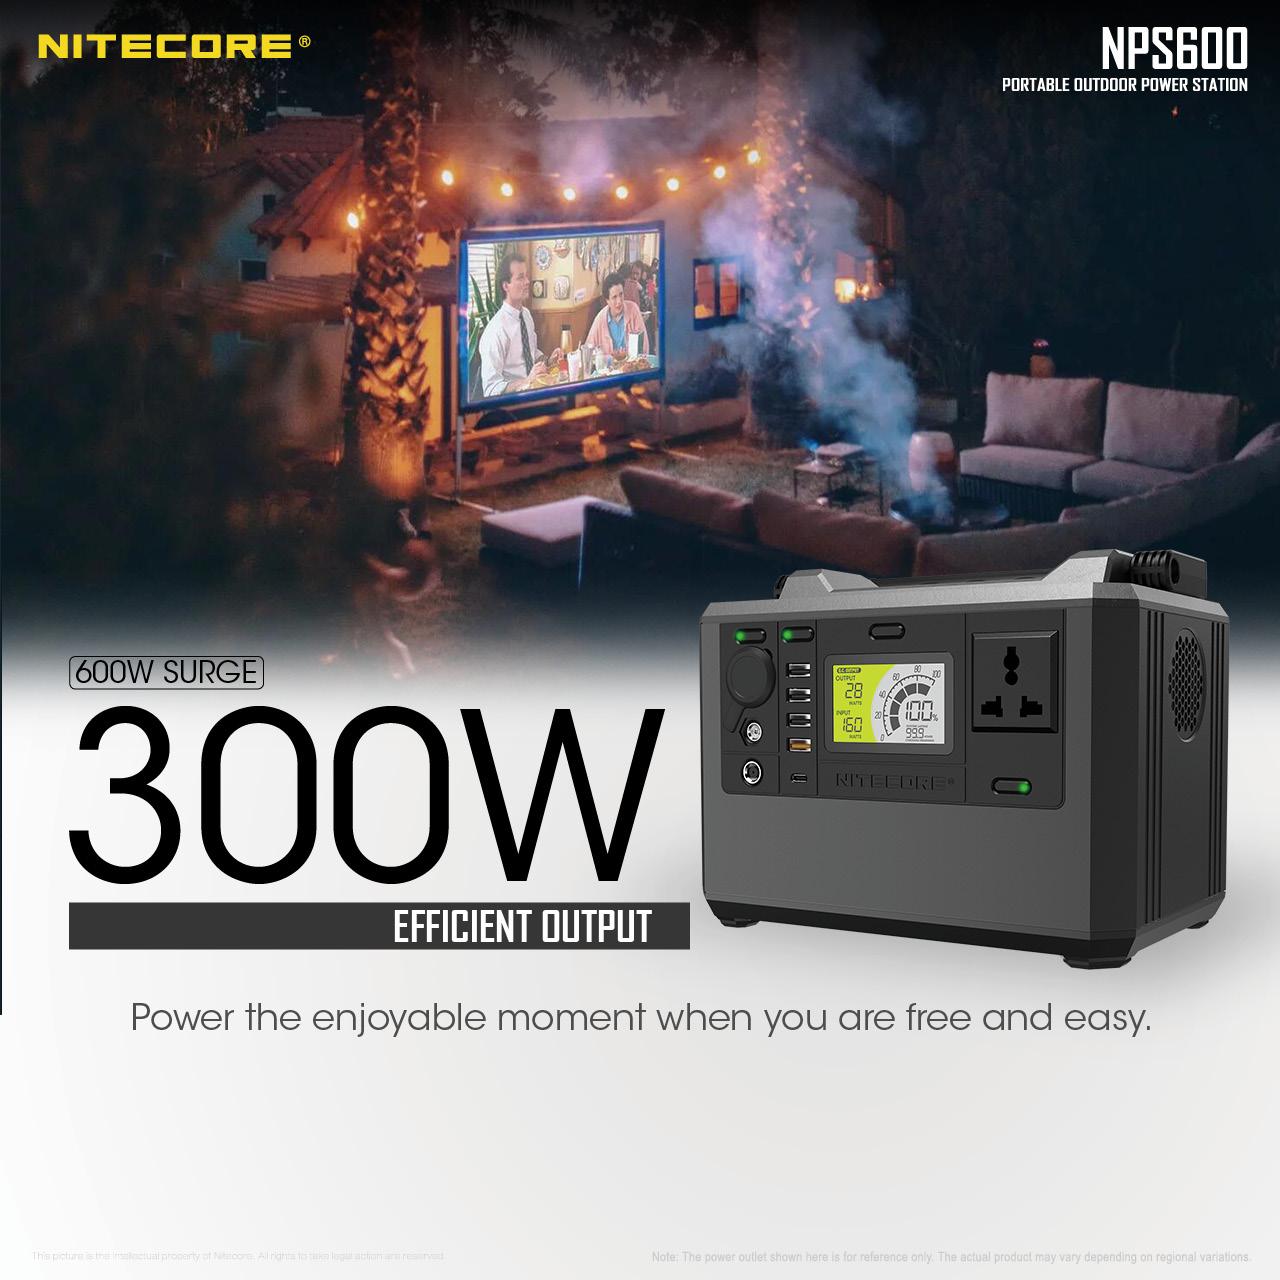 nps600-en-ver2-3.jpg